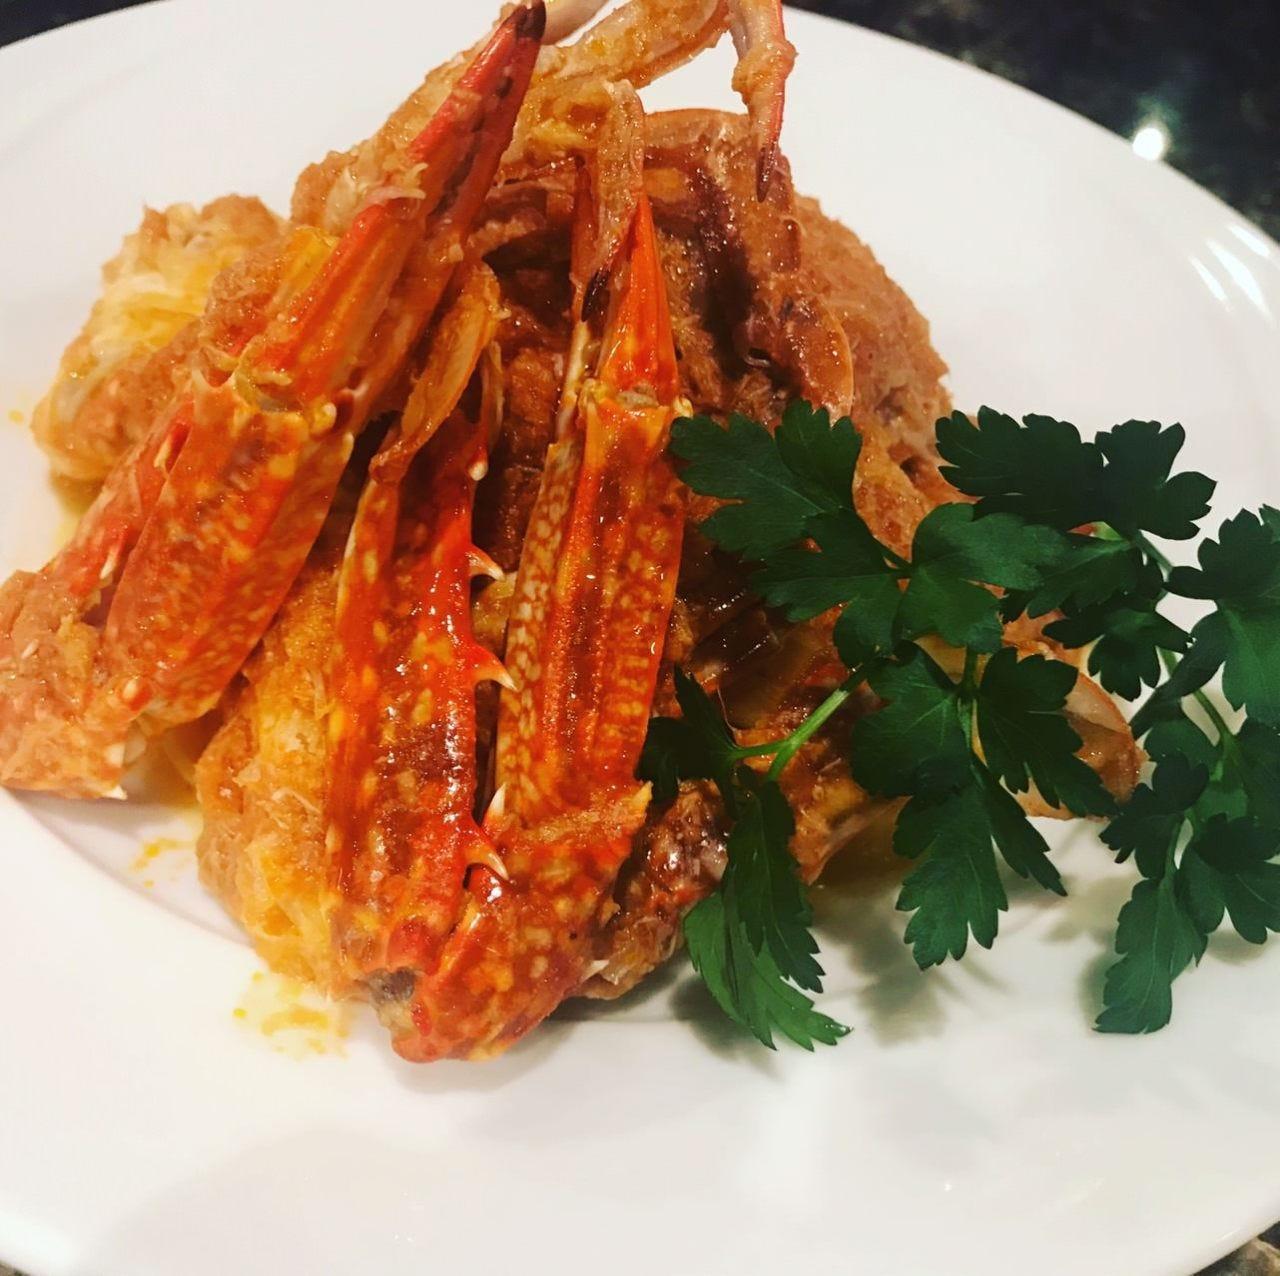 Tagliatelle granchio al pomodoro 渡り蟹のトマトパスタ